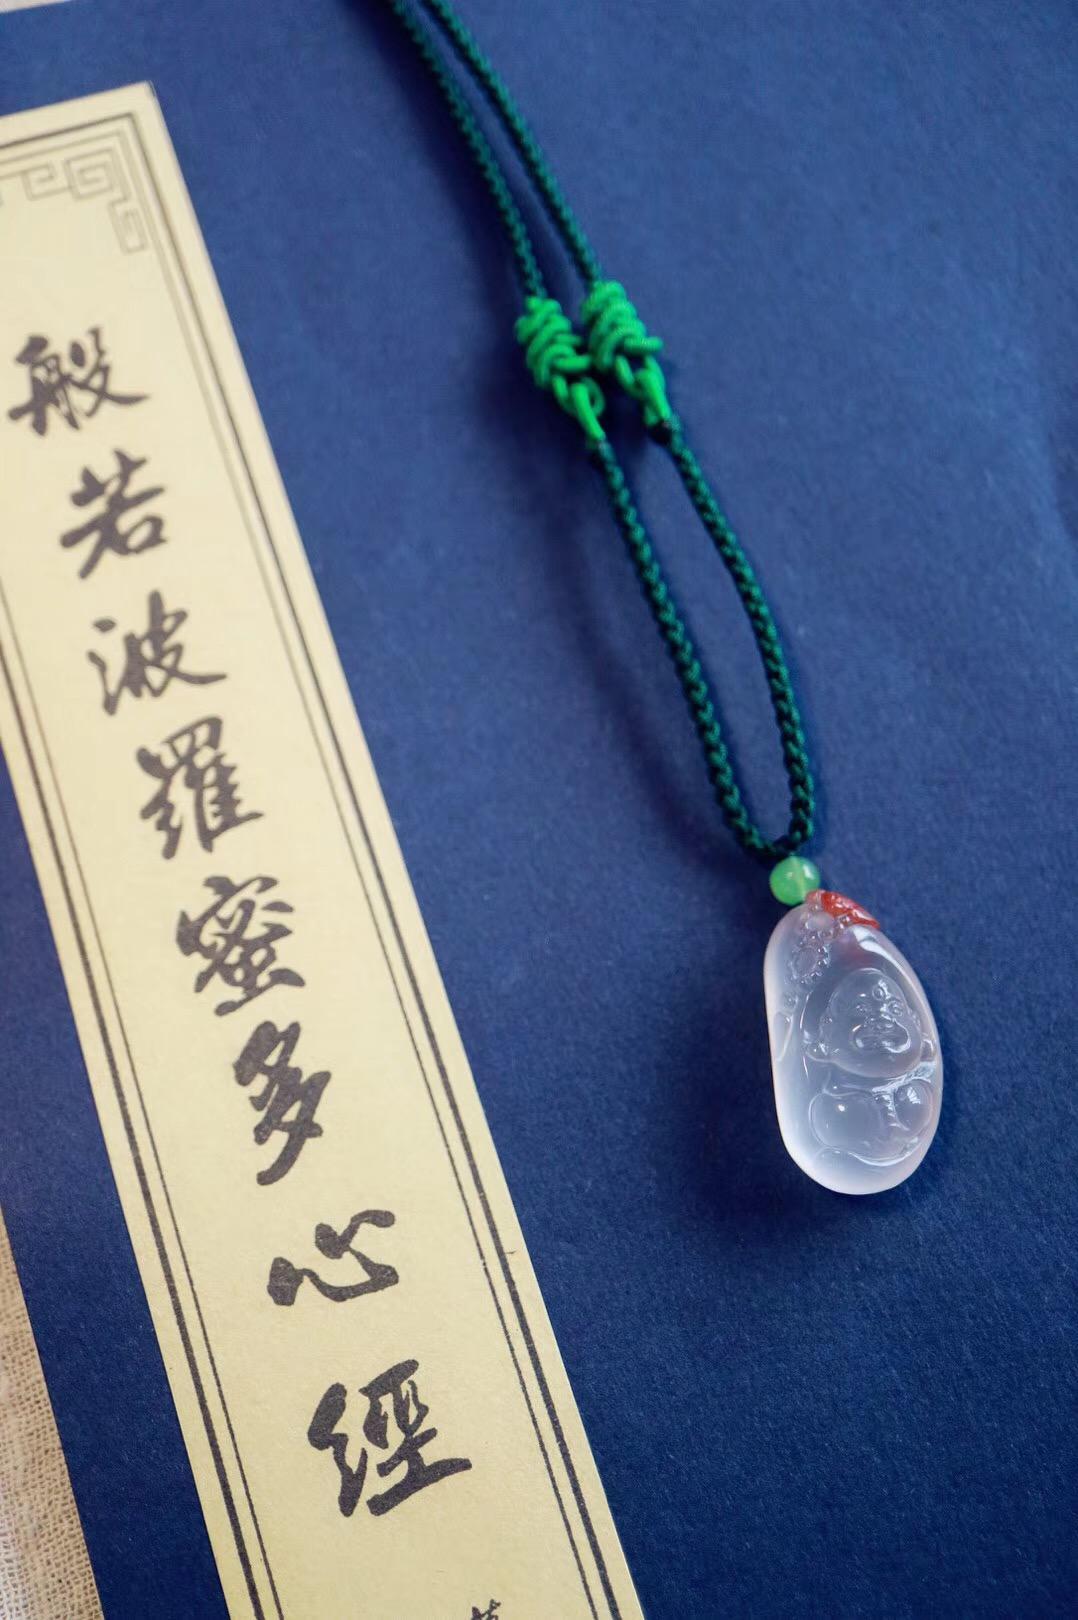 【菩心南红 | 佛引福至】充满福瑞祥和之气的弥勒佛,自在乐逍遥-菩心晶舍